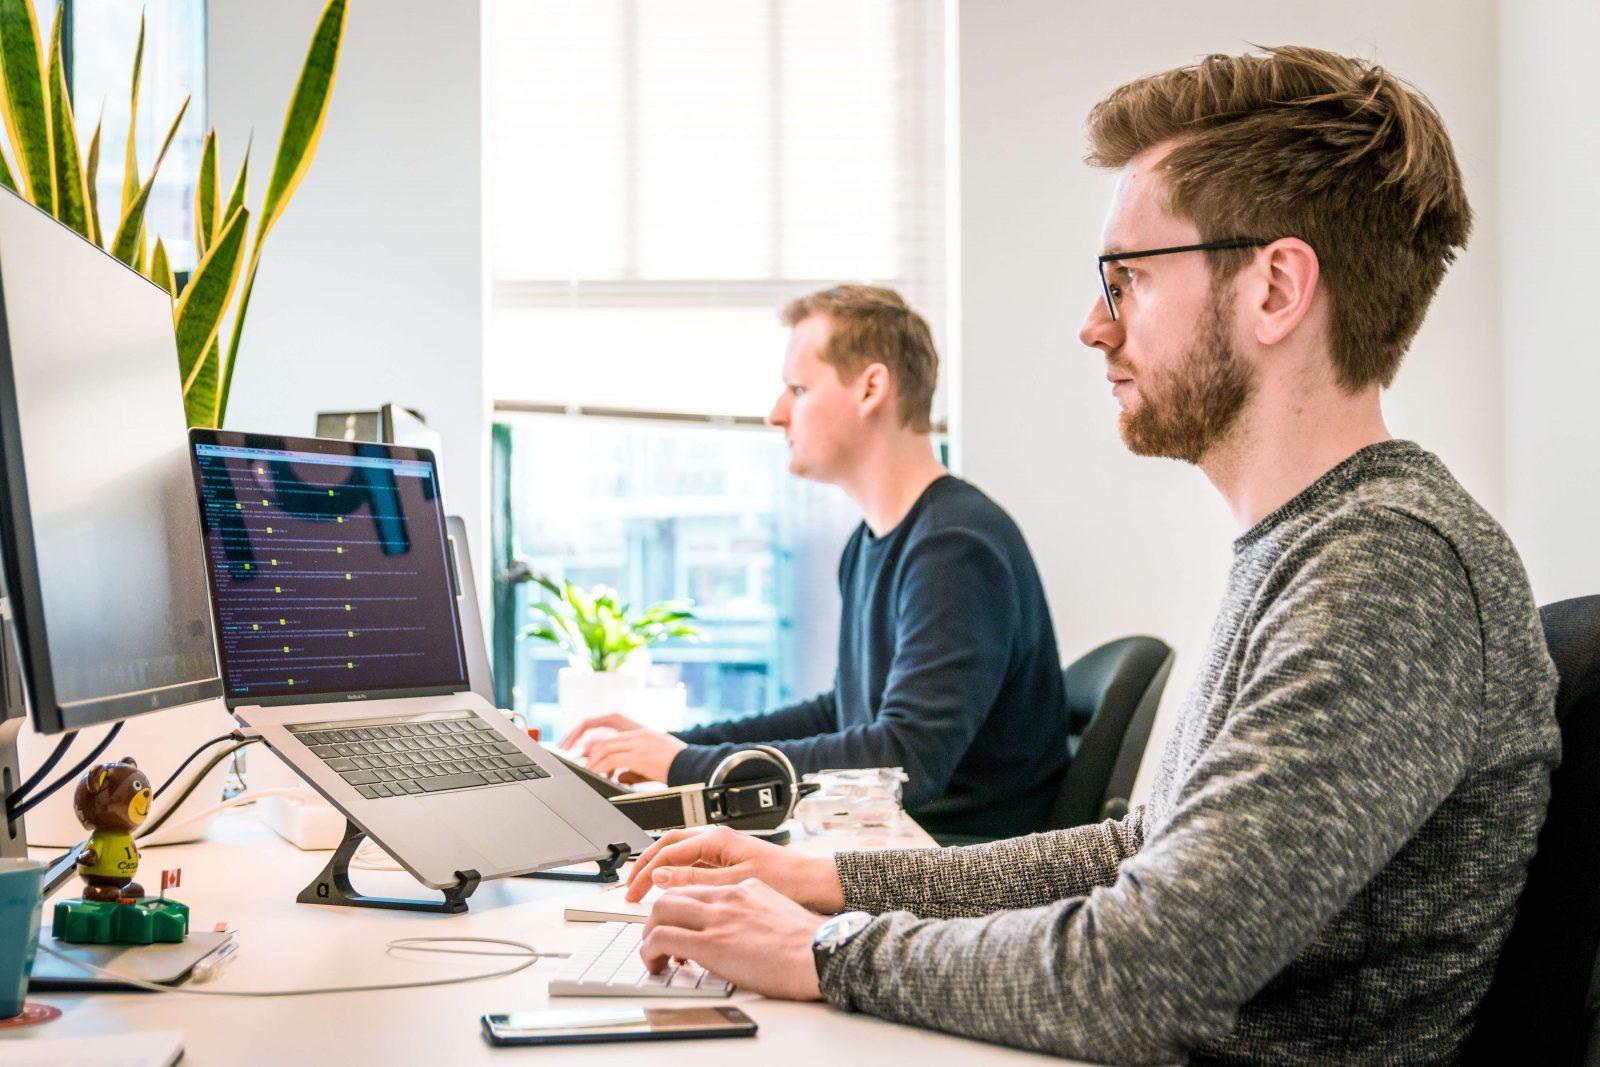 PC-Arbeit fordert unsere Augen